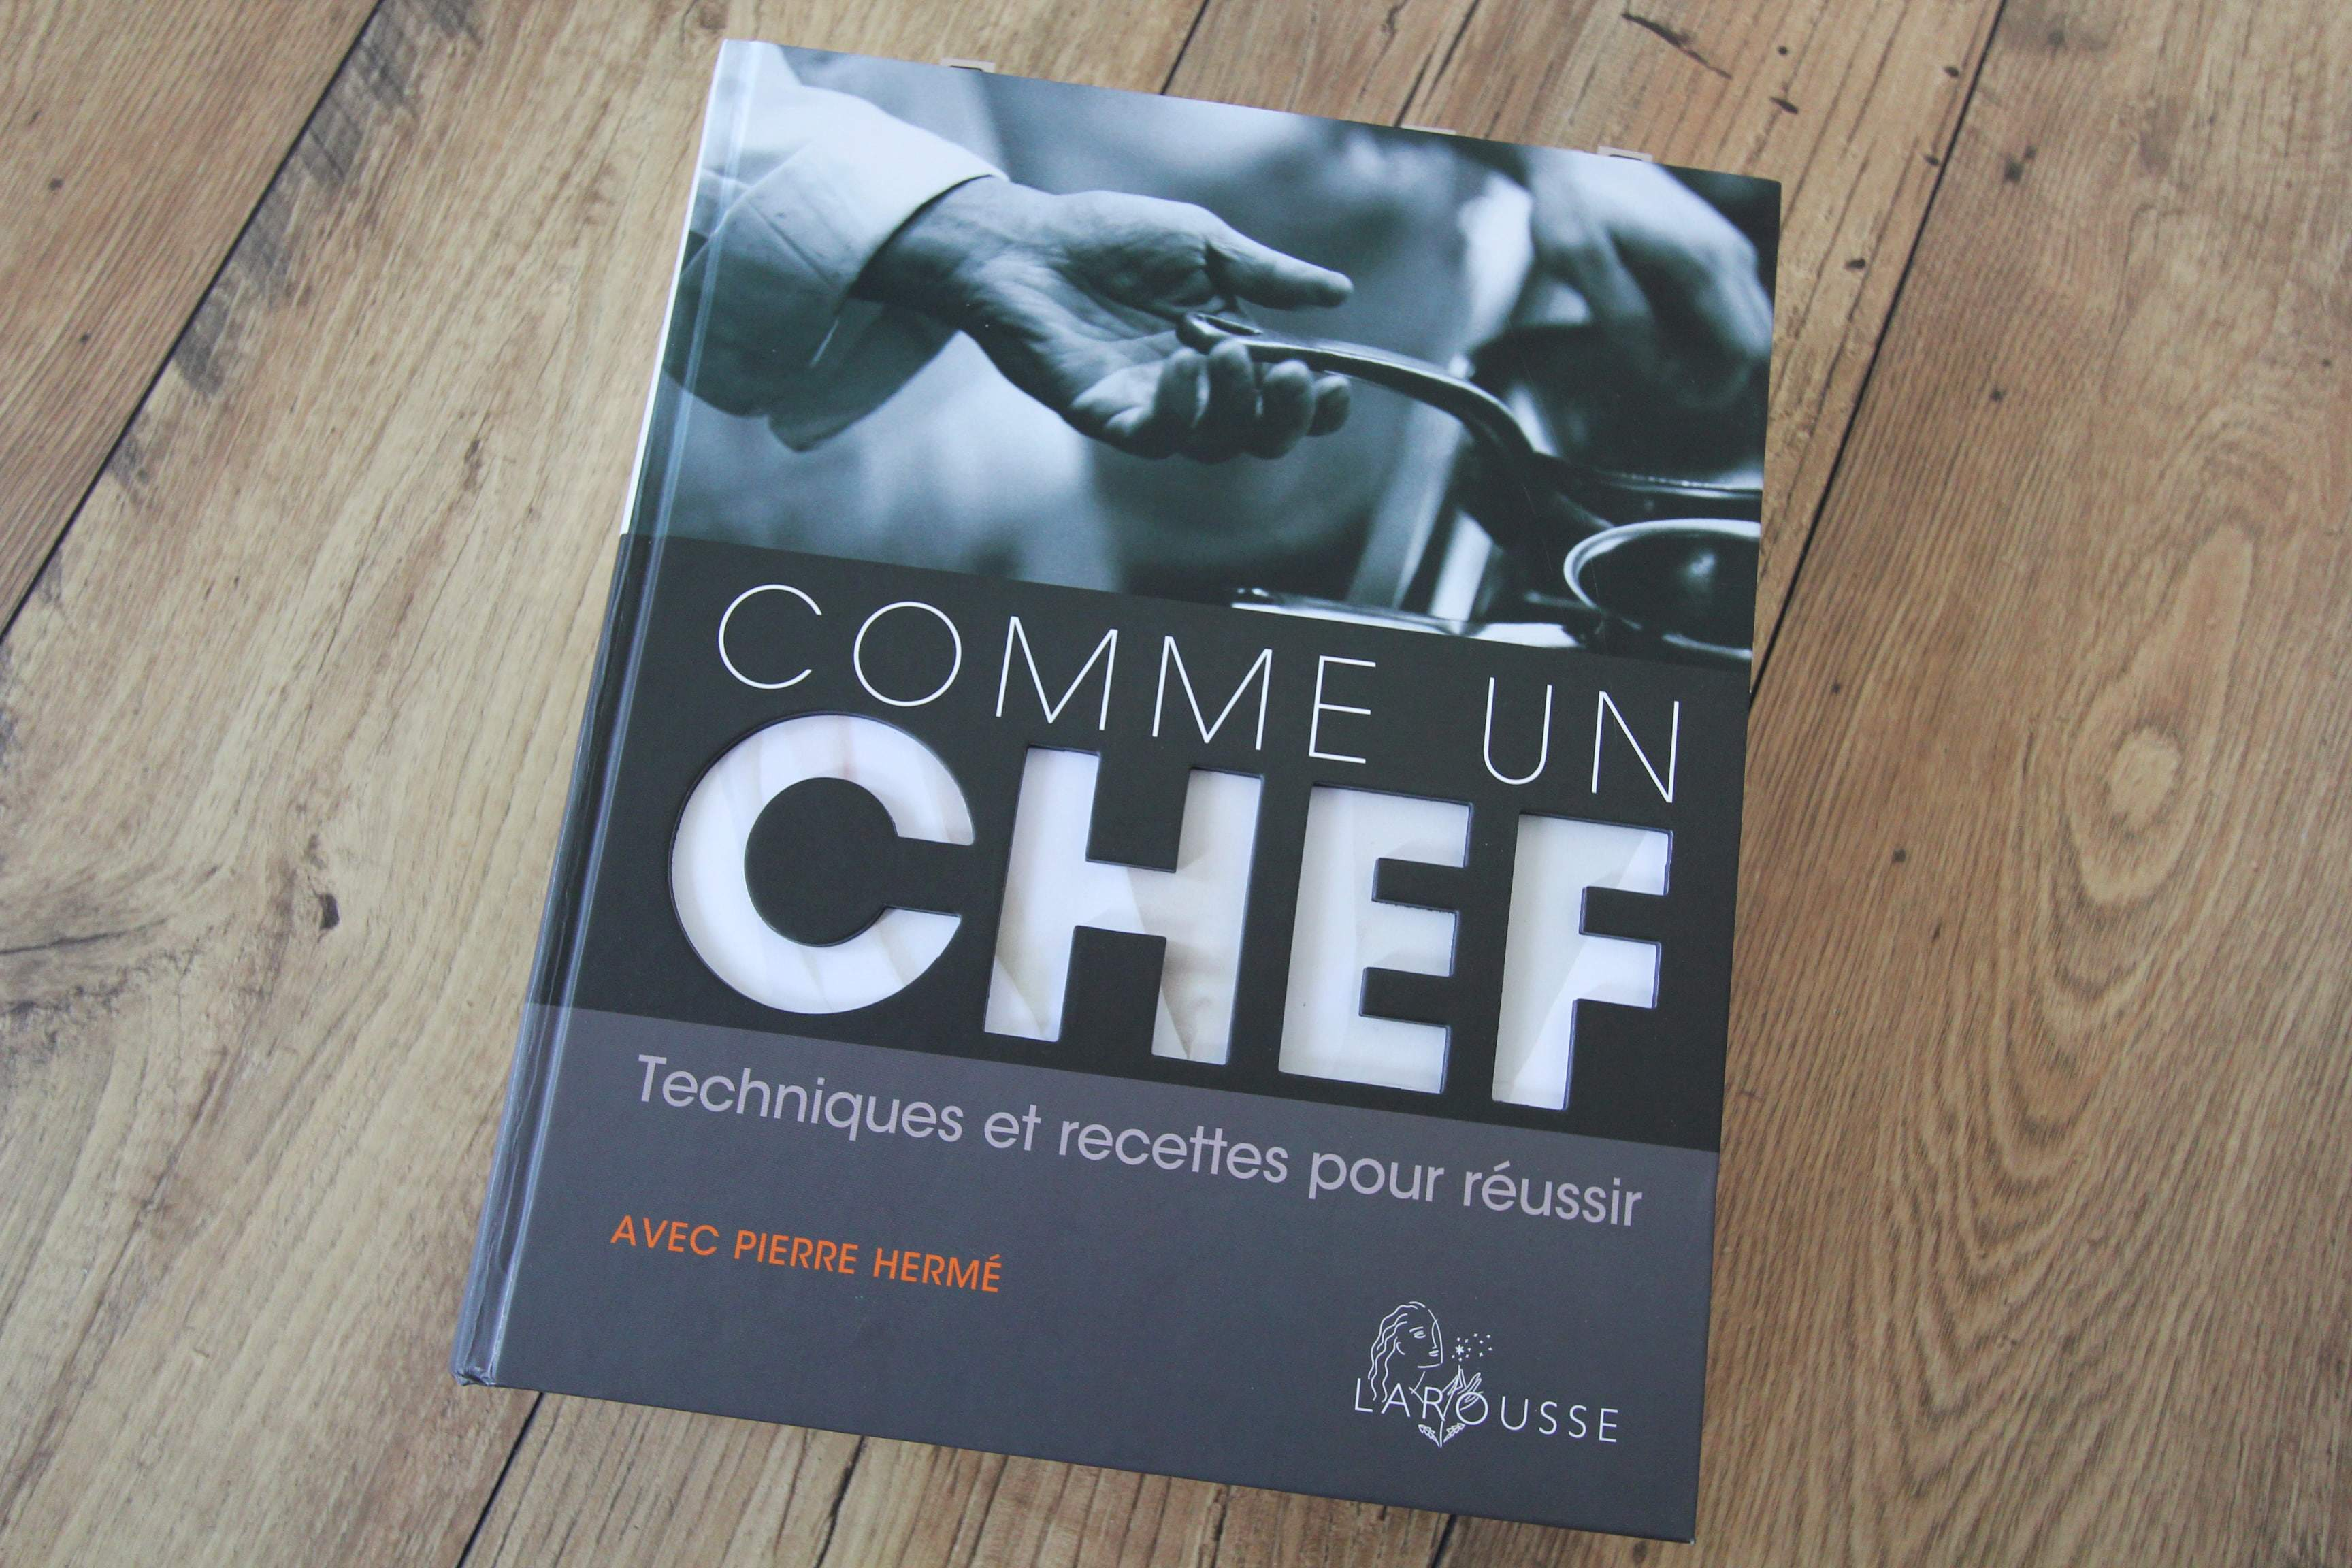 Comme un chef pr sentation du livre d lizioso - Cuisine comme un chef ...